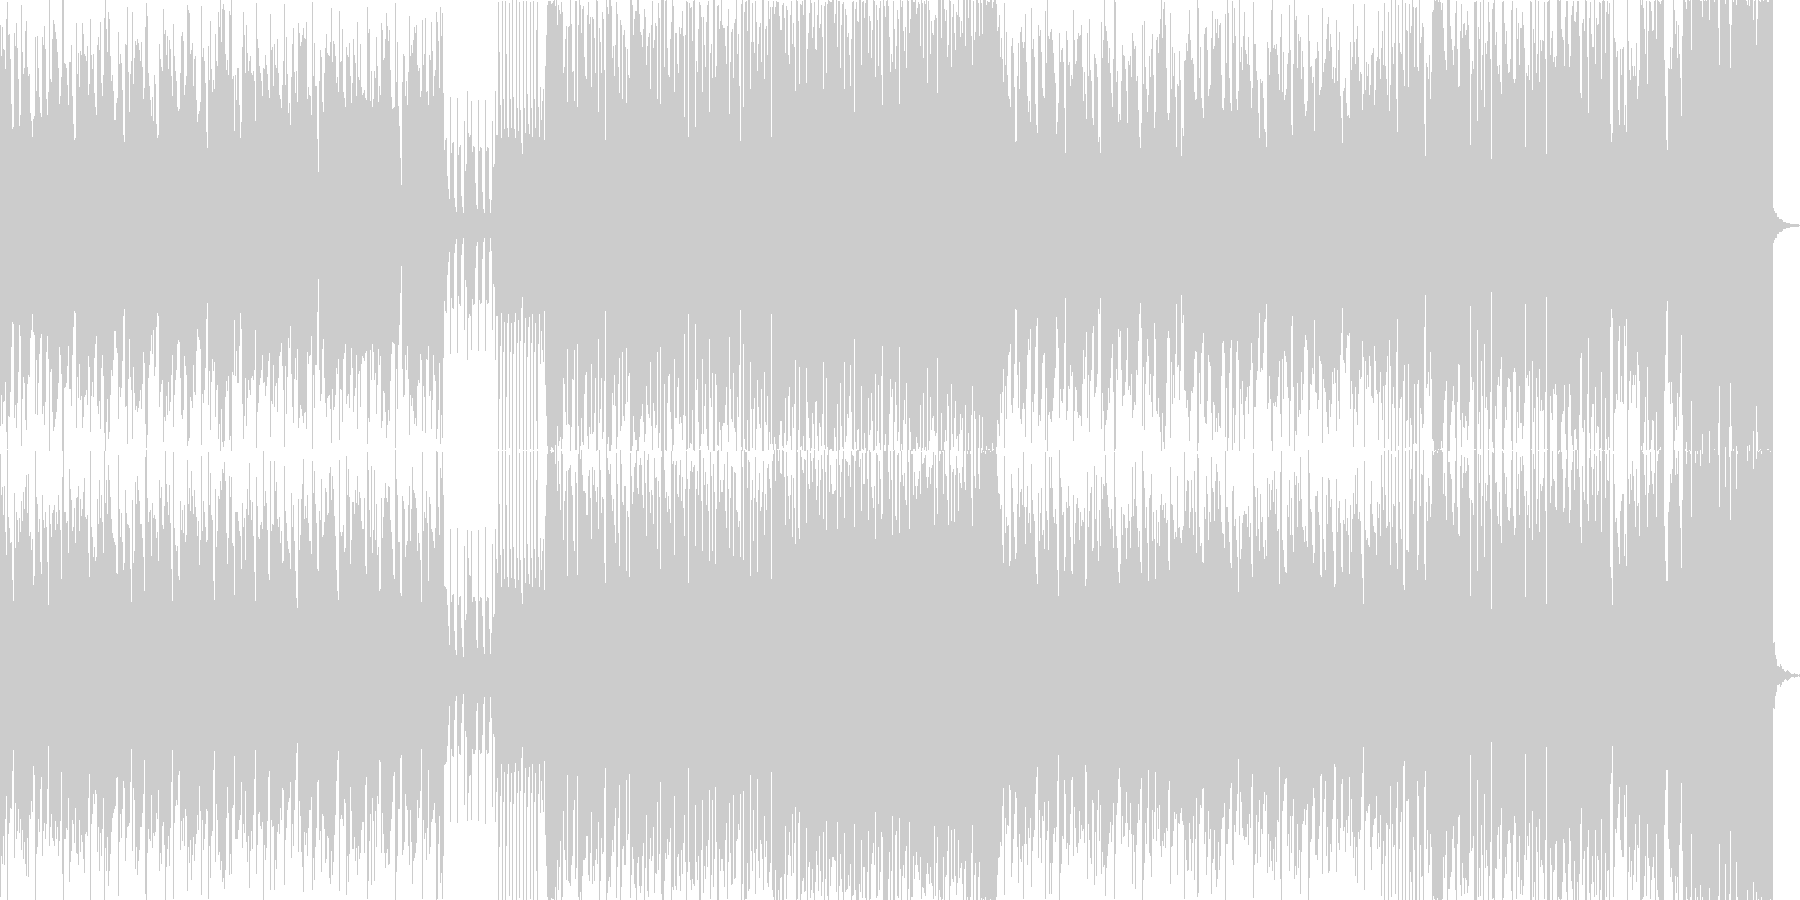 リード系シンセ音のPan振りが特徴的な曲の未再生の波形